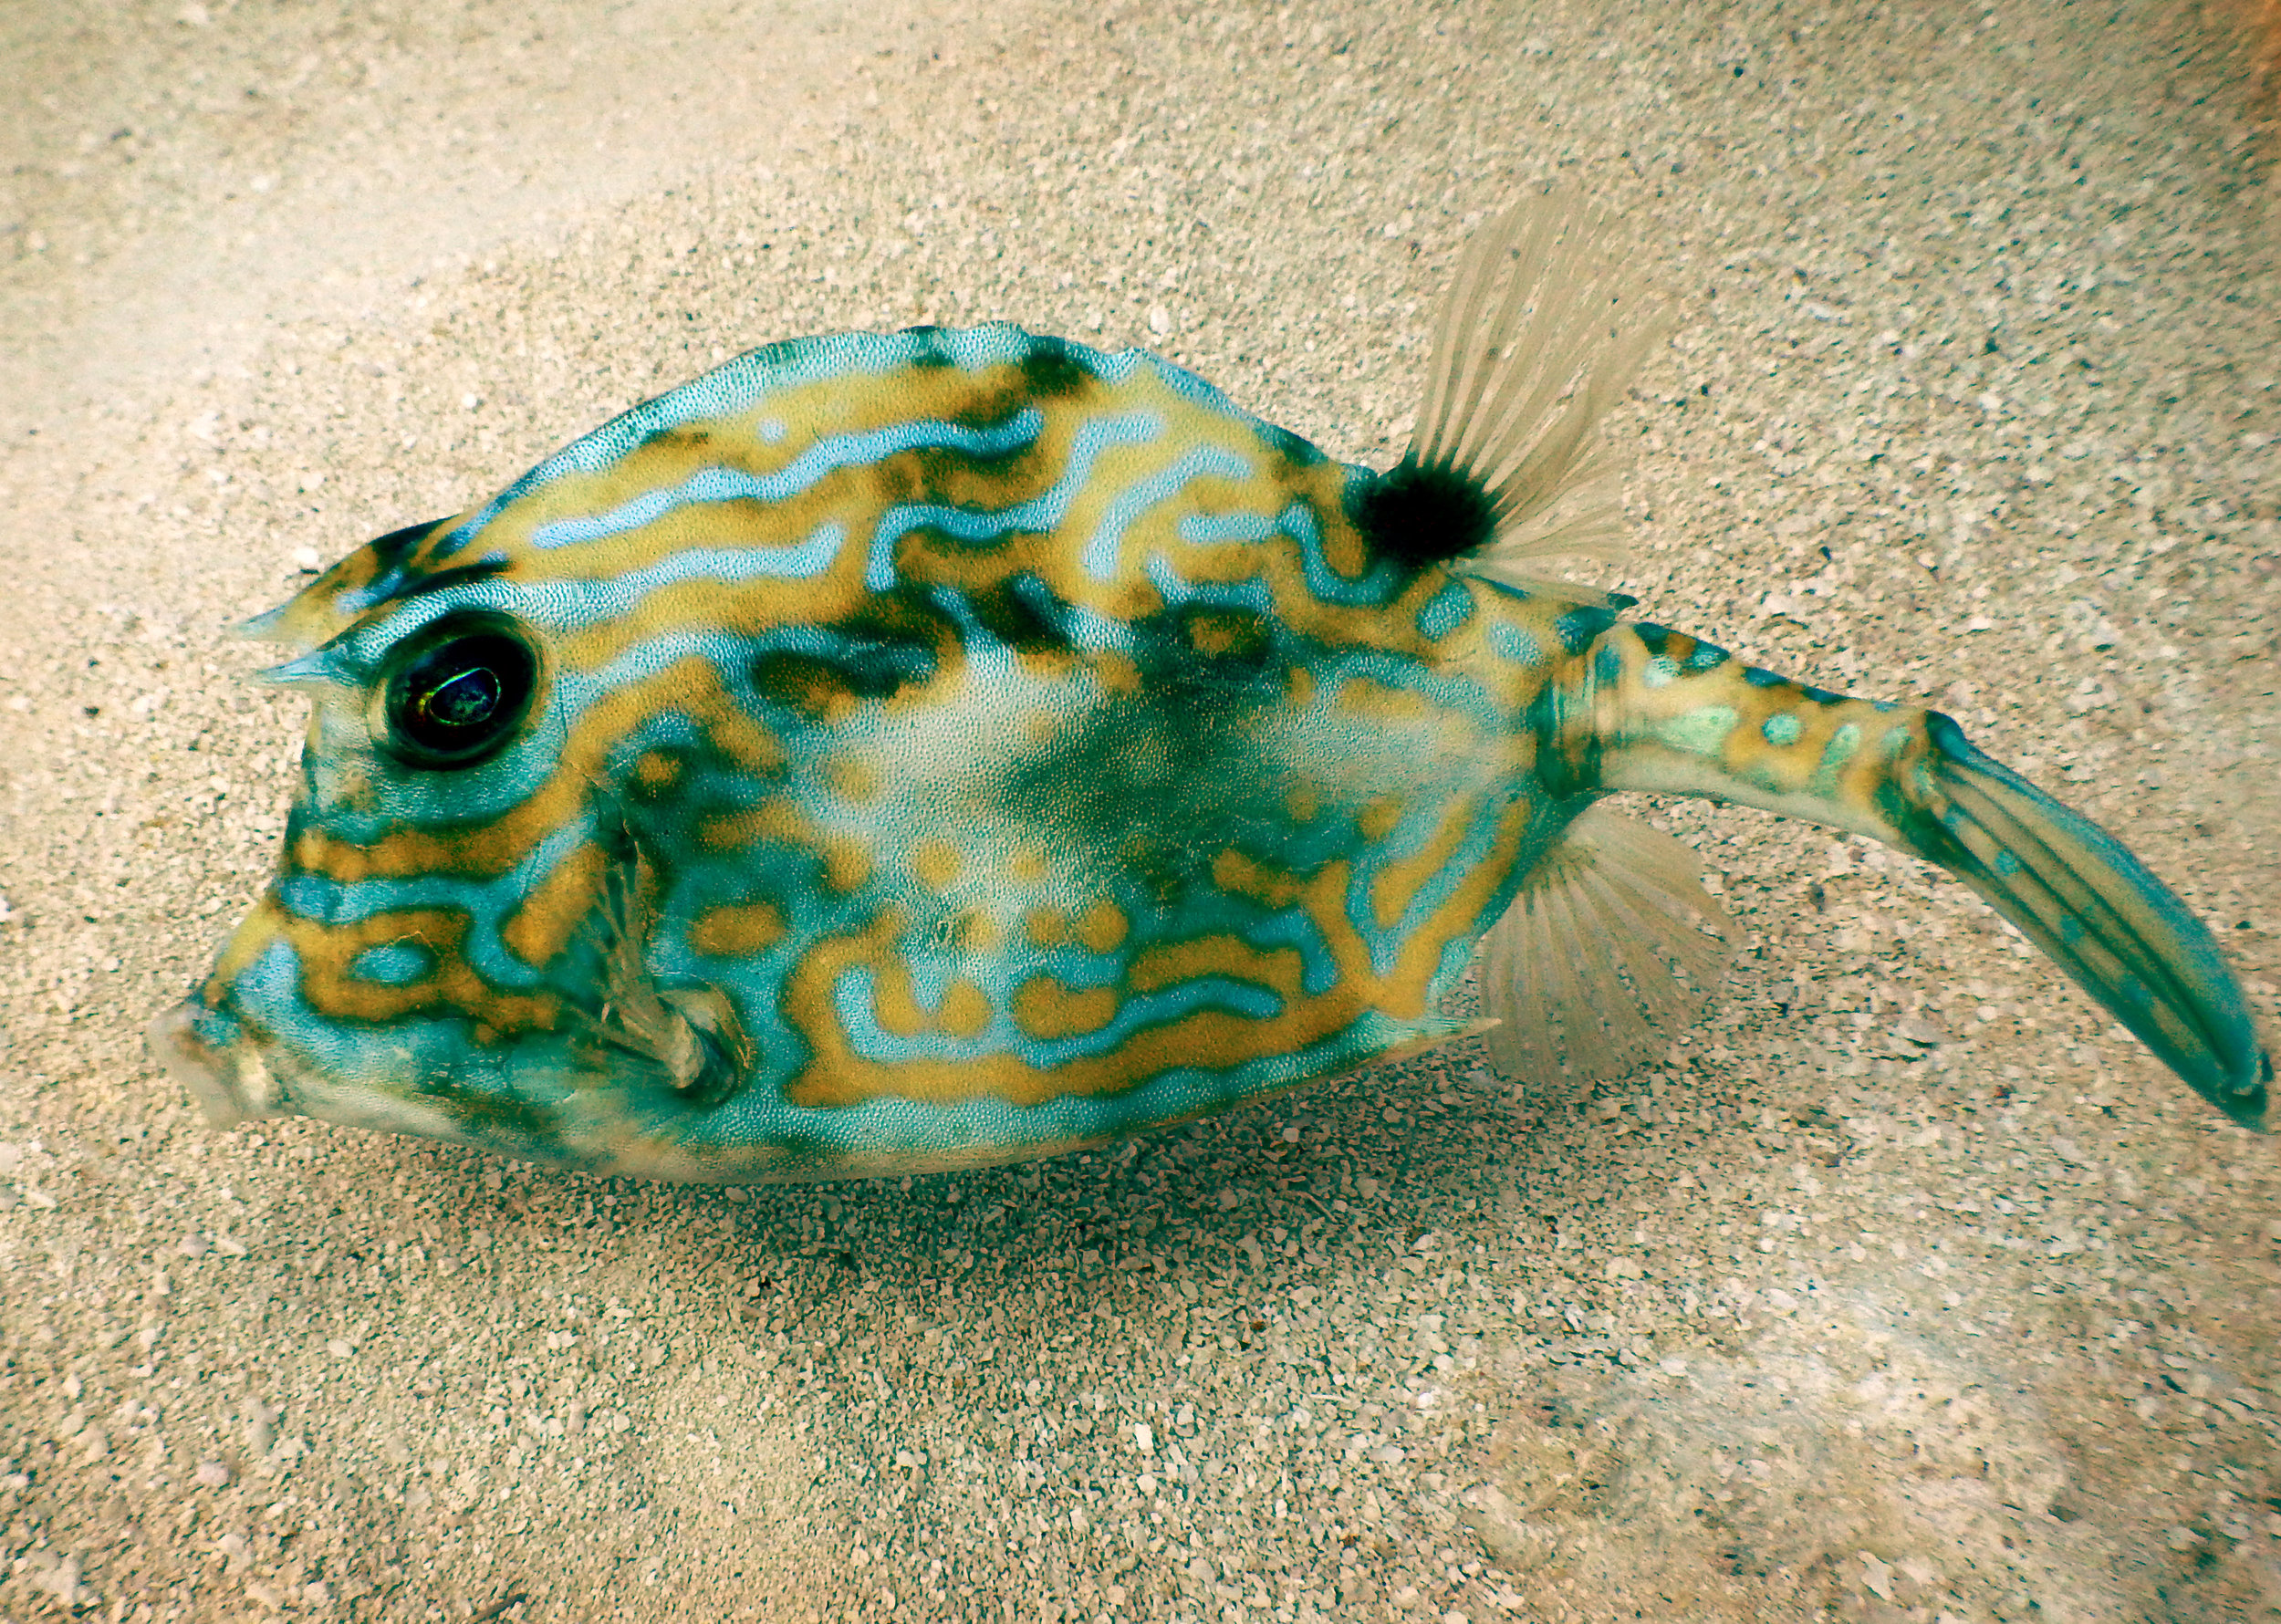 A curious cowfish off Key Biscayne, FL.